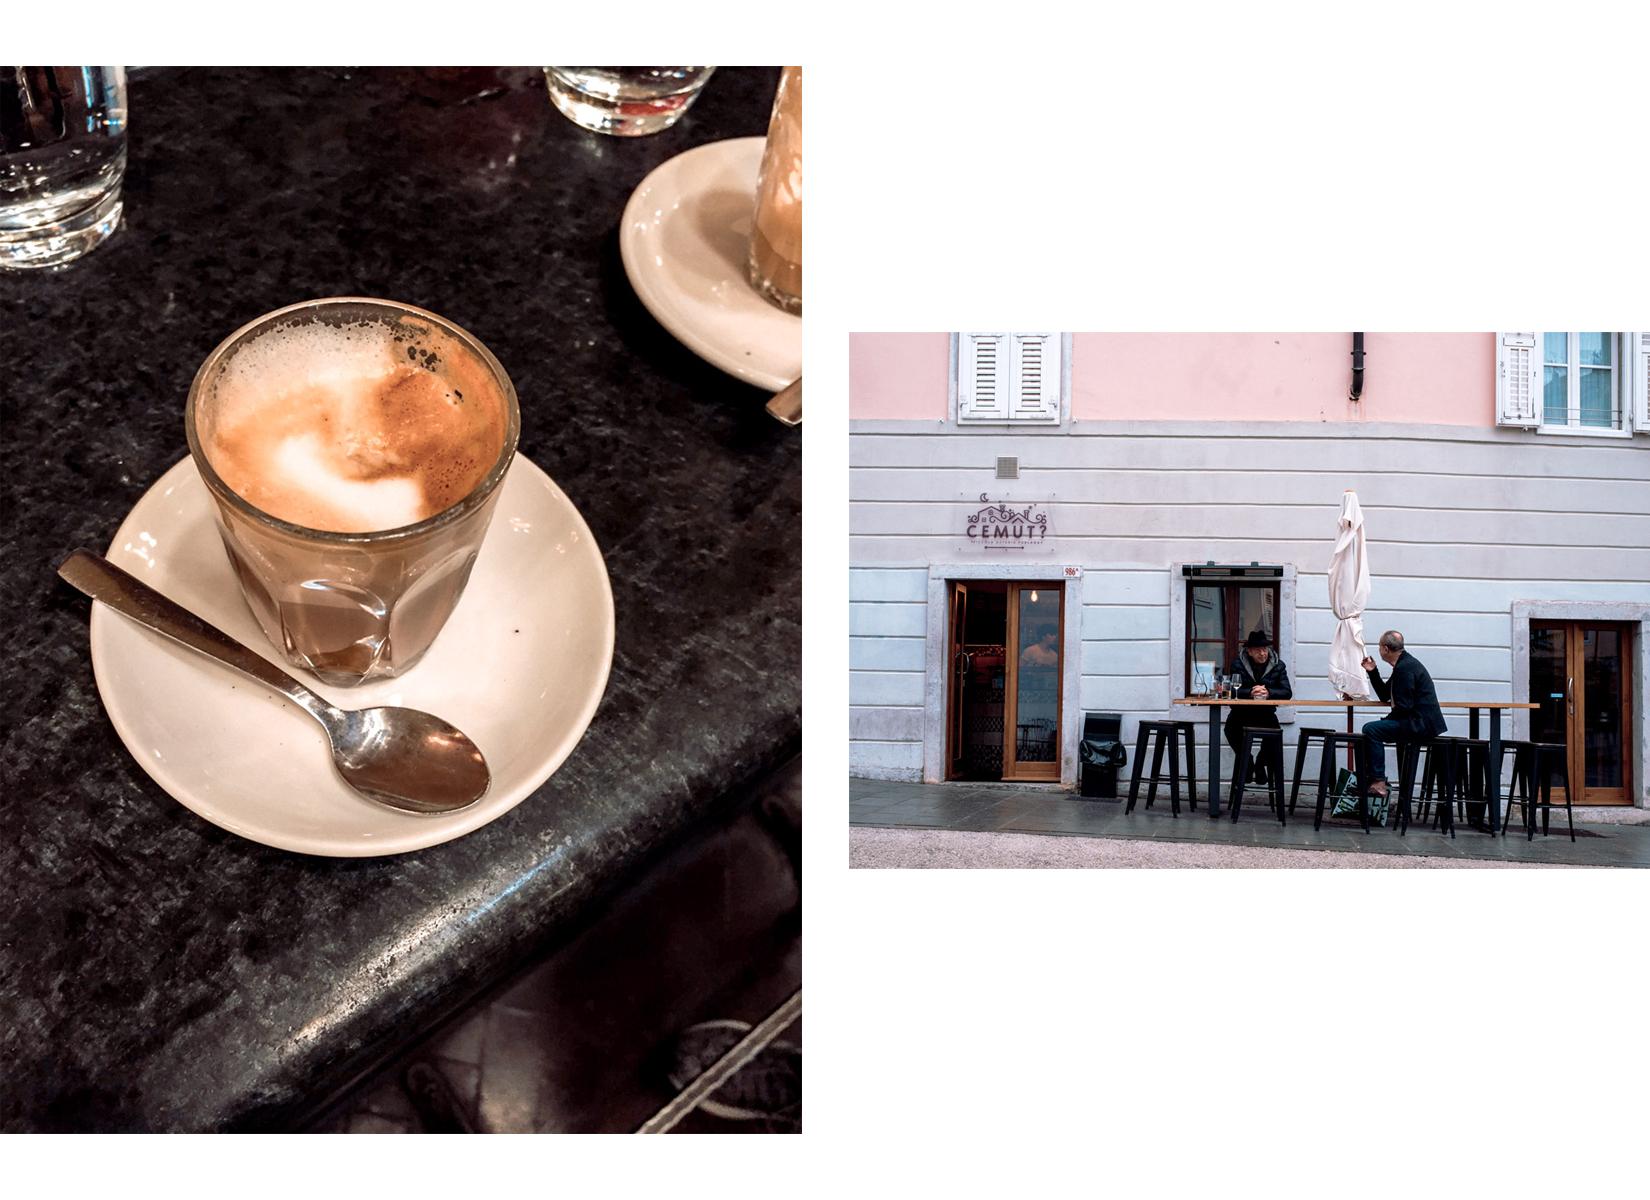 Two old men talking in a bar outside in Trieste and a glass of coffee served in a bar - Due signori parlano al bar in una strada di Trieste e il dettaglio di un caffè servito al banco